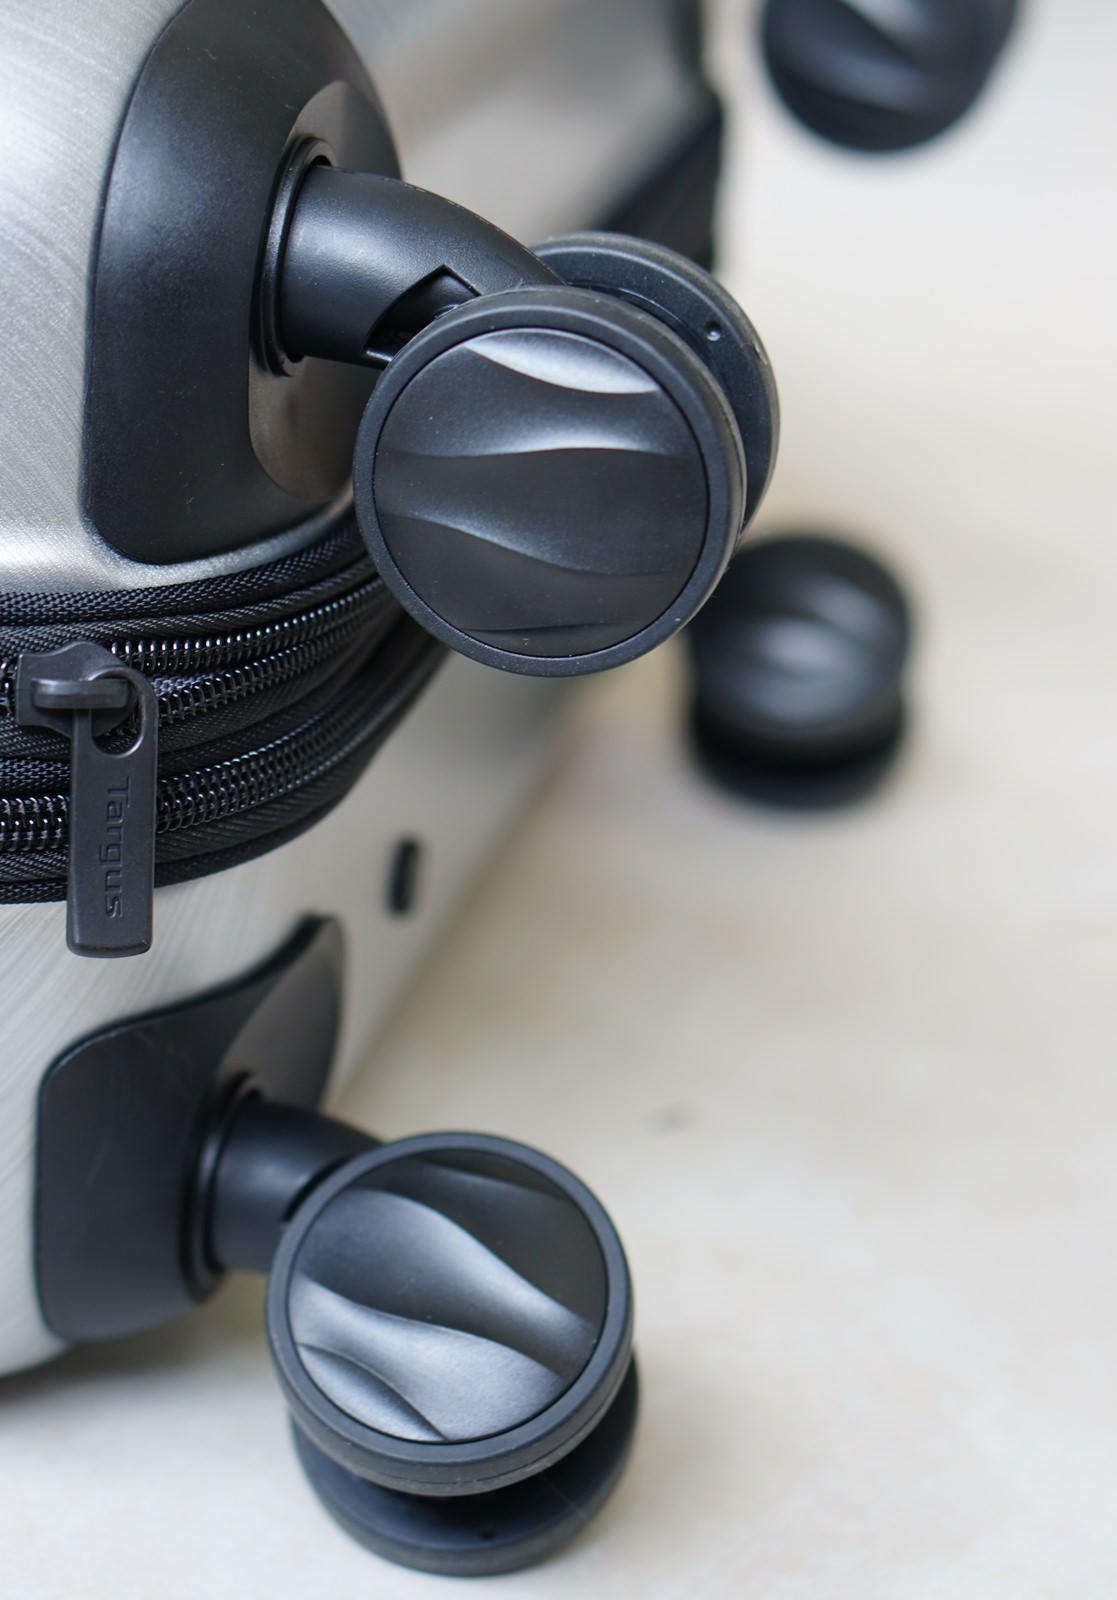 [旅遊]Targus Transit 360° Spinner 15.6″-商務客首選! 超輕型登機電腦拉桿箱  登機行李箱推薦 @美食好芃友